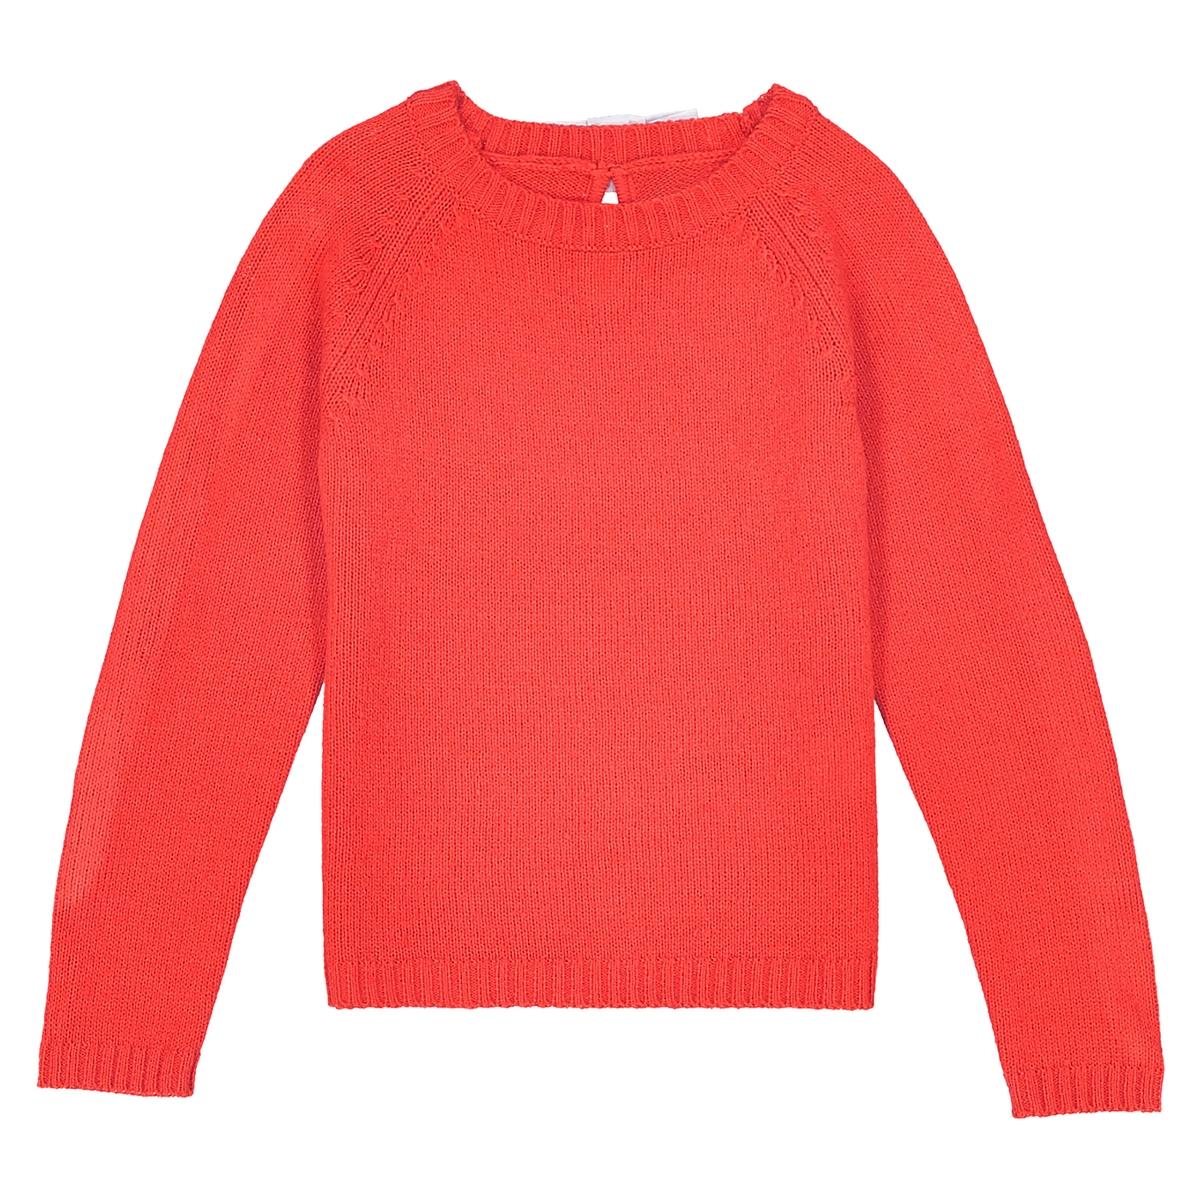 Пуловер с бантиком сзади 3-12 лет